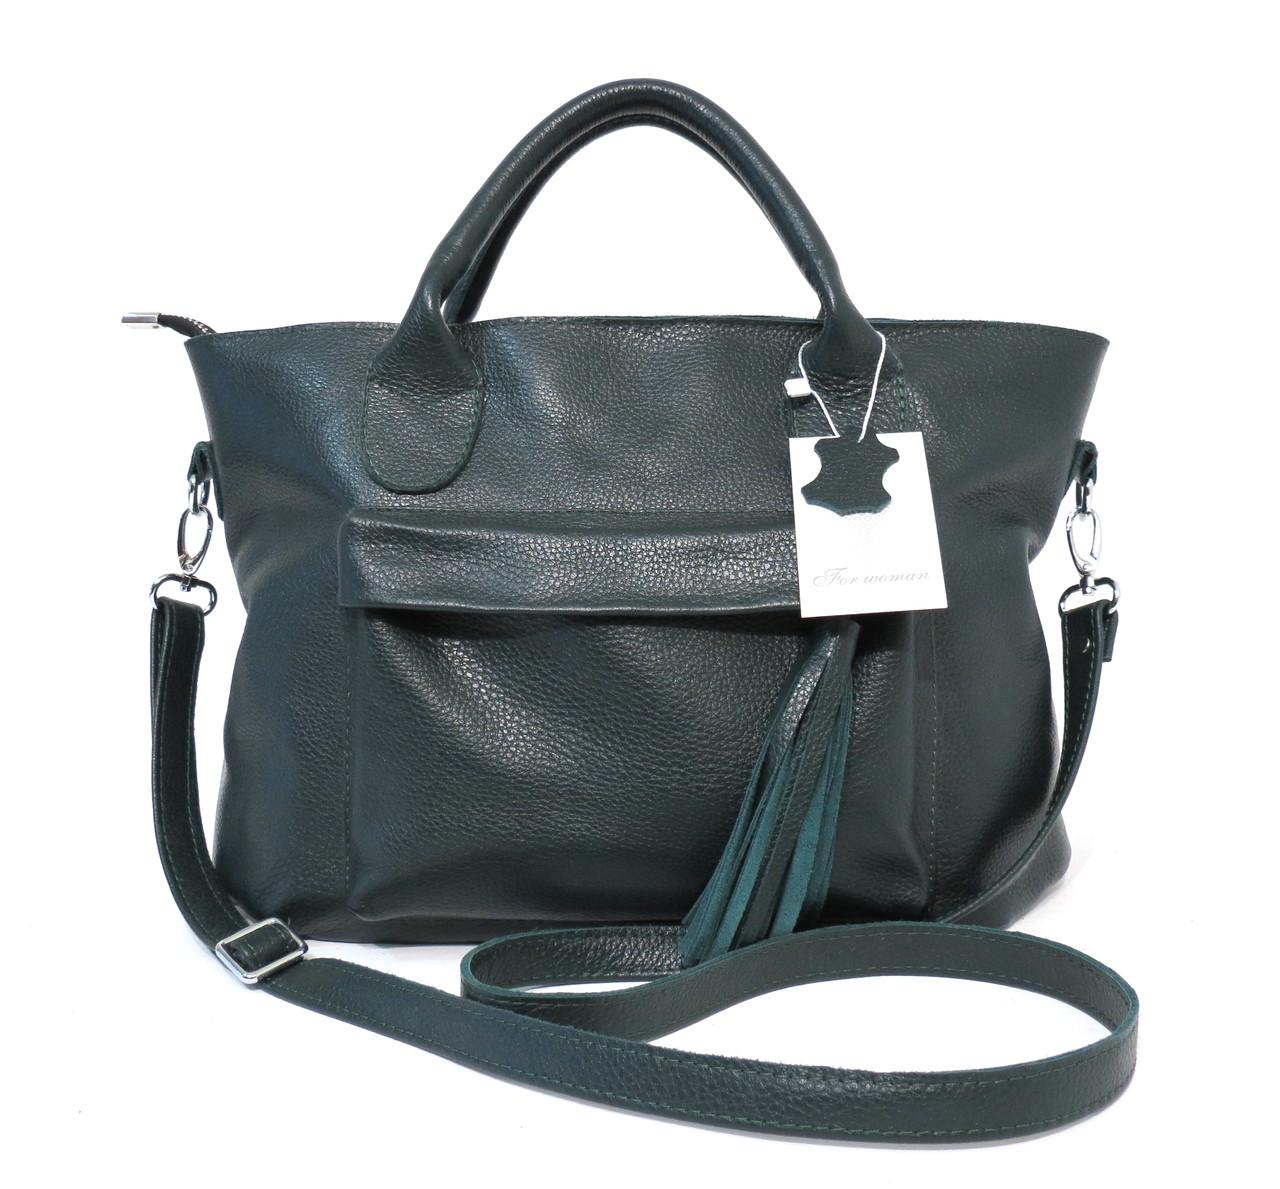 4096c1537a15 Женская кожаная сумка 26 Зеленый - Интернет-магазин сумок и кошельков